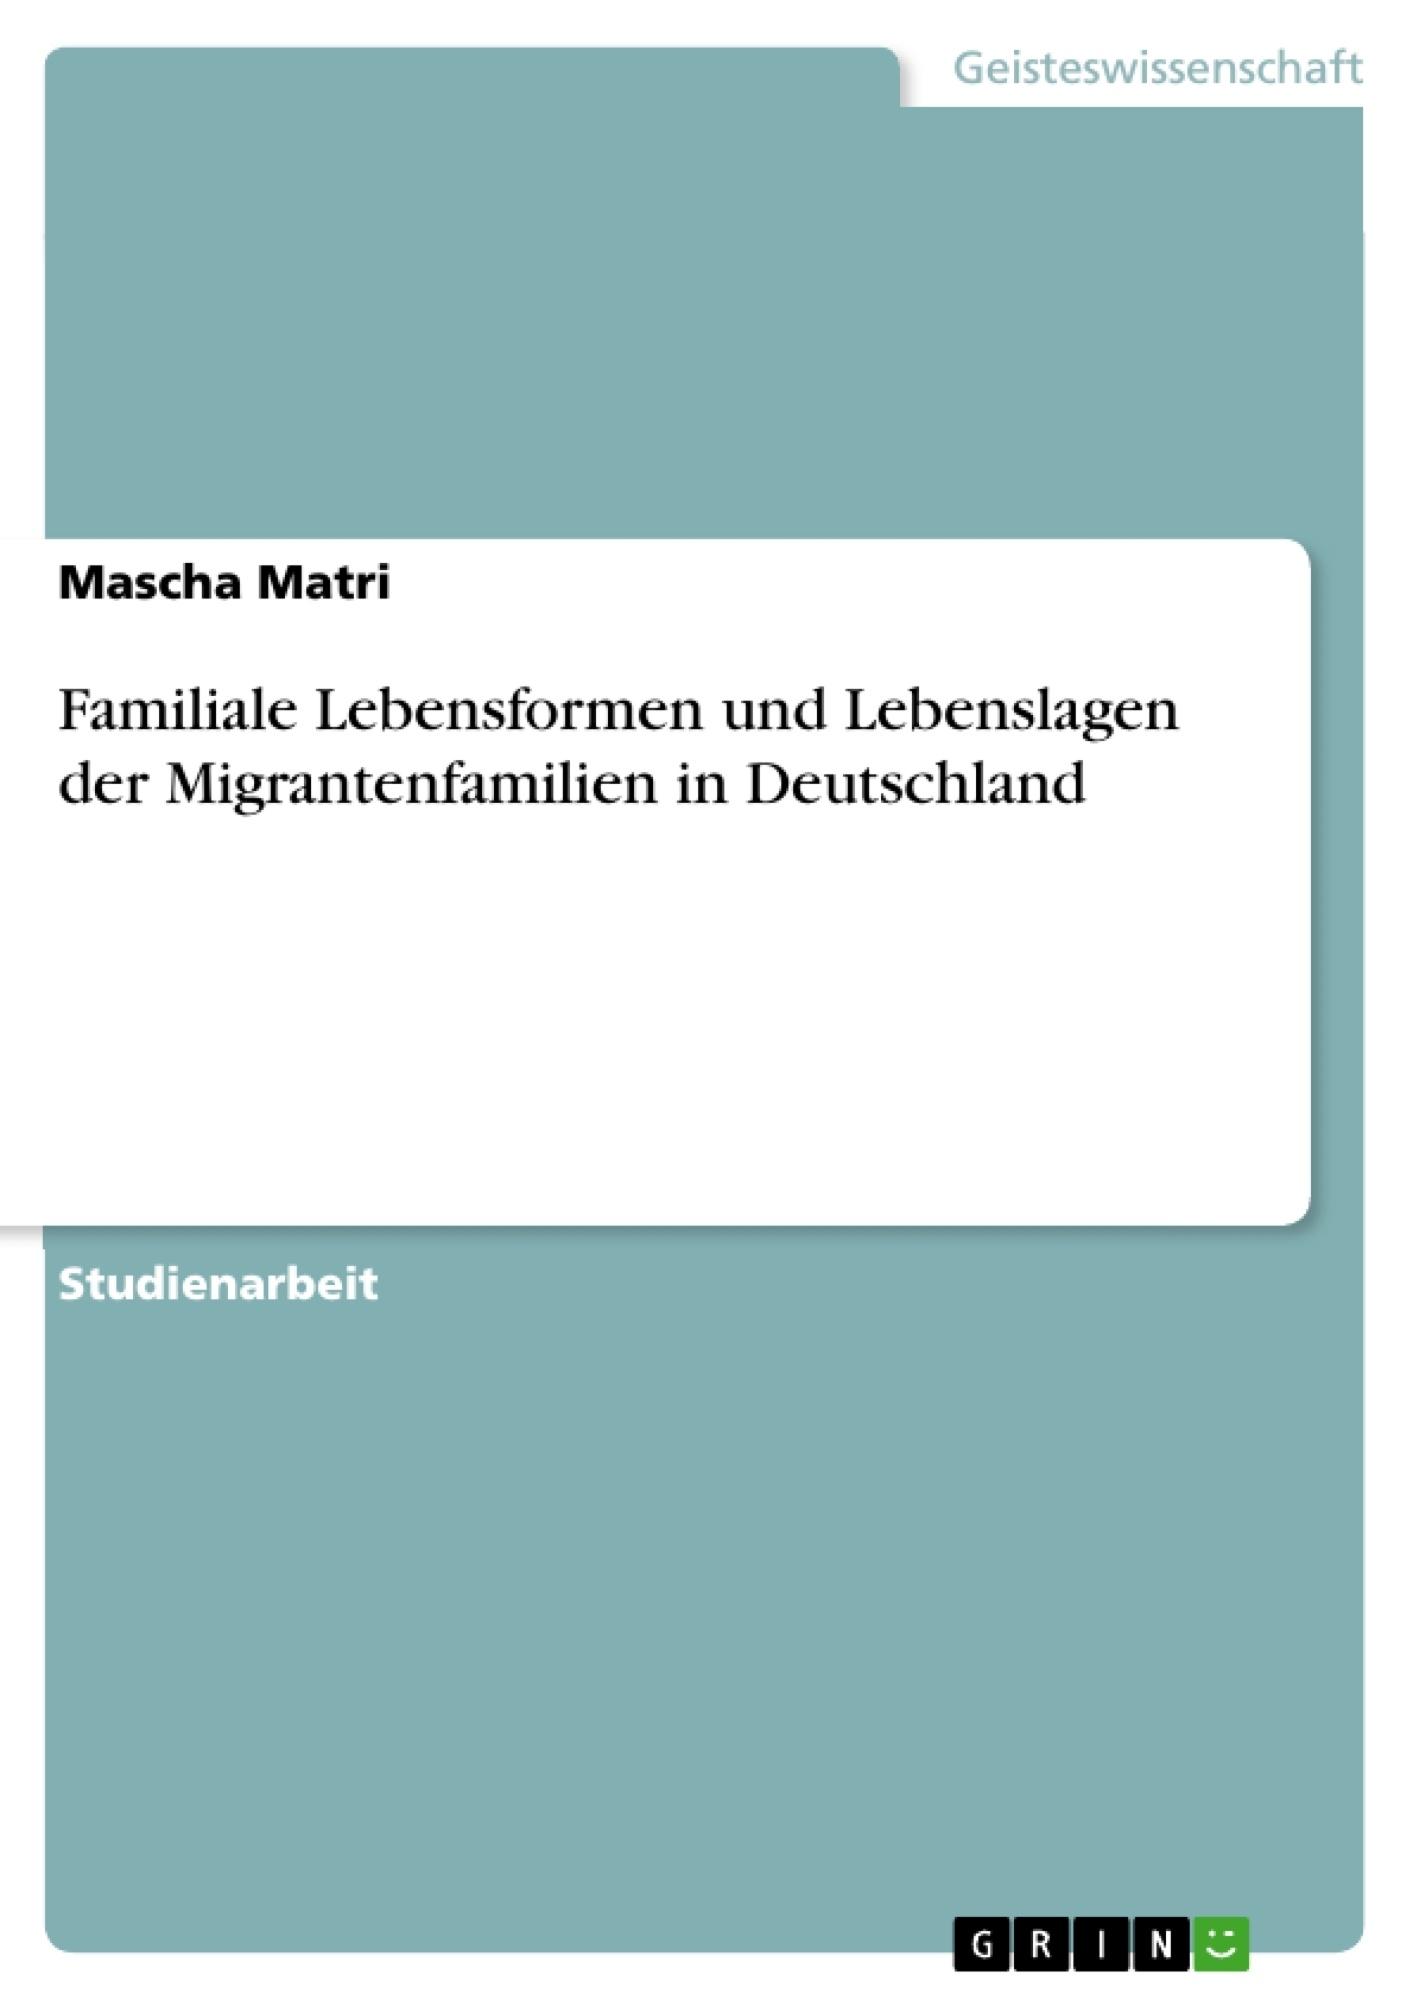 Titel: Familiale Lebensformen und Lebenslagen der Migrantenfamilien in Deutschland